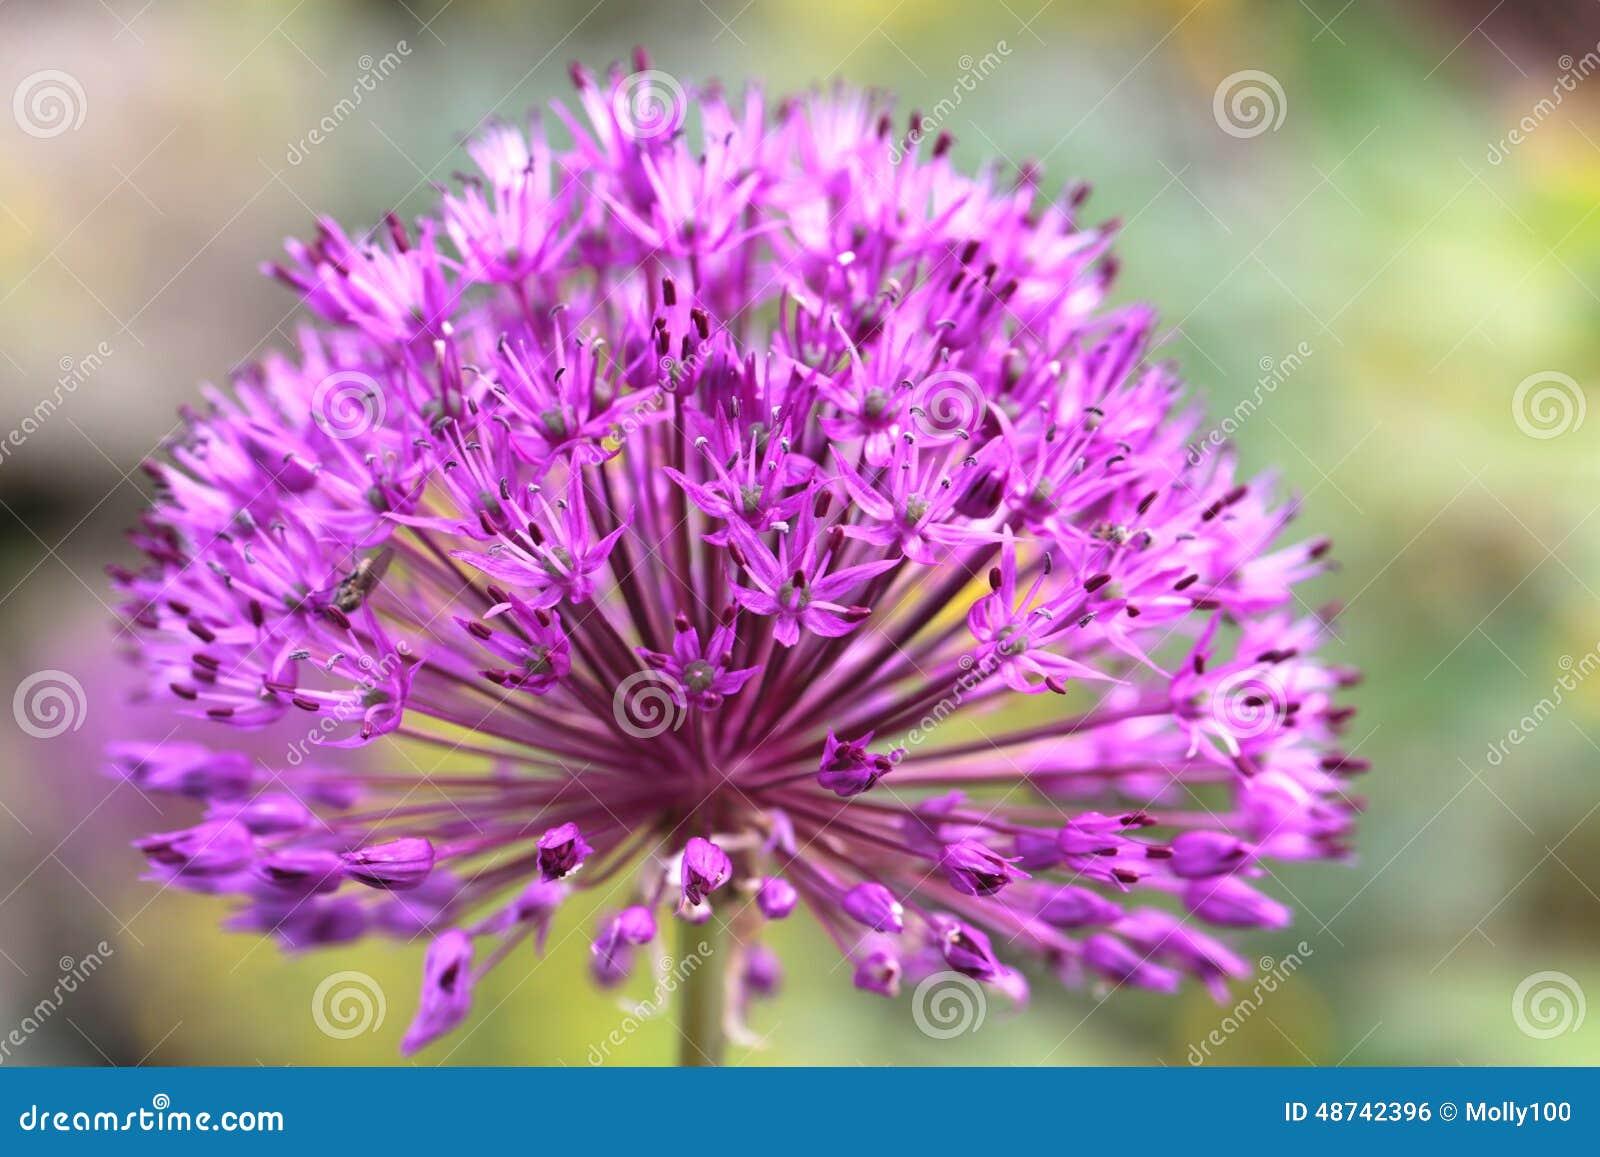 Preibloem in een botanische tuin stock foto afbeelding bestaande